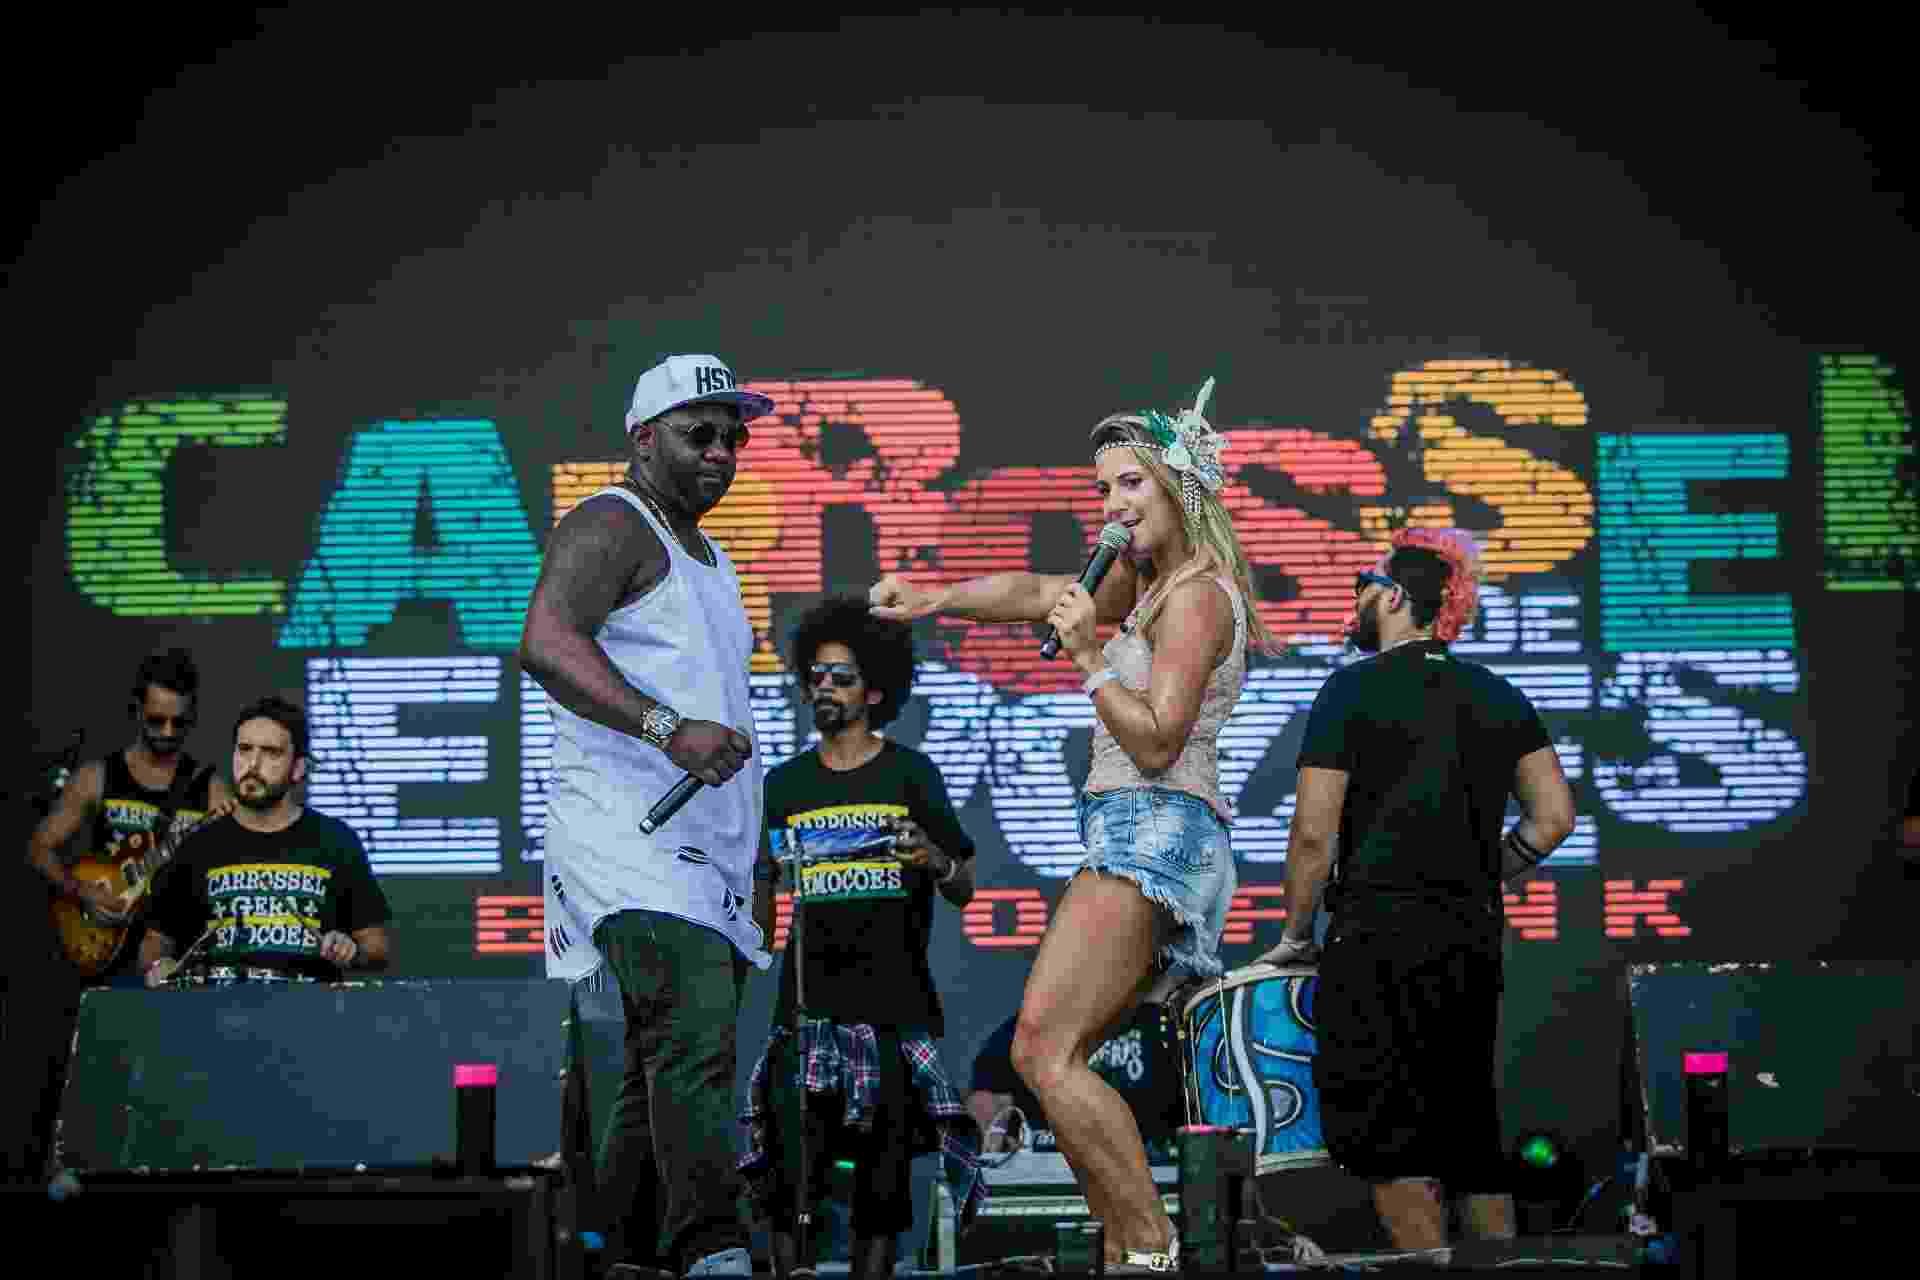 Com sua mistura de funk e samba, Carrosel de Emoções abre o mainstage no segundo dia do CarnaUOL - Bruno Santos/UOL